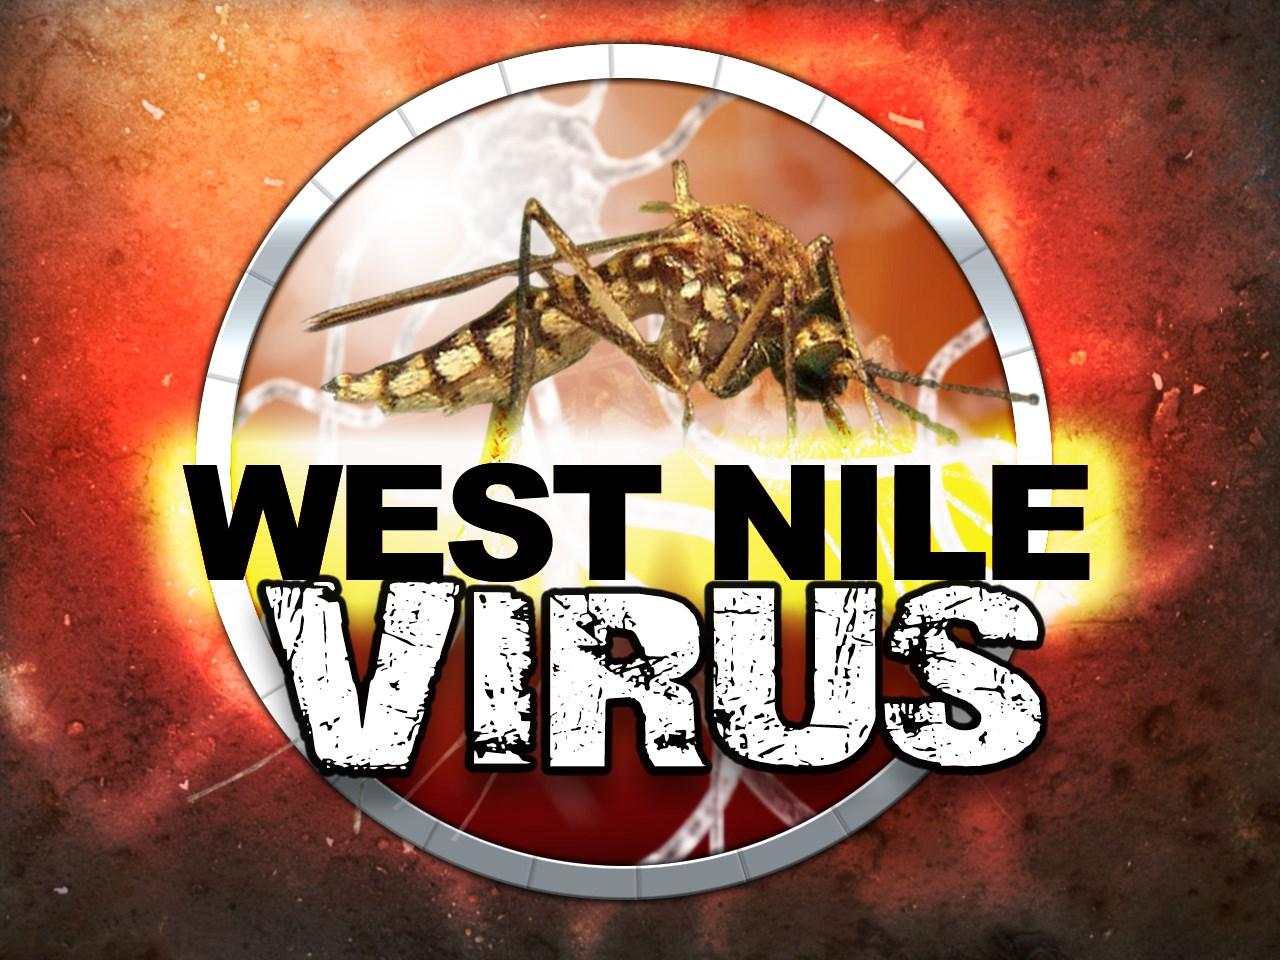 West Nile_1498845901339.jpg